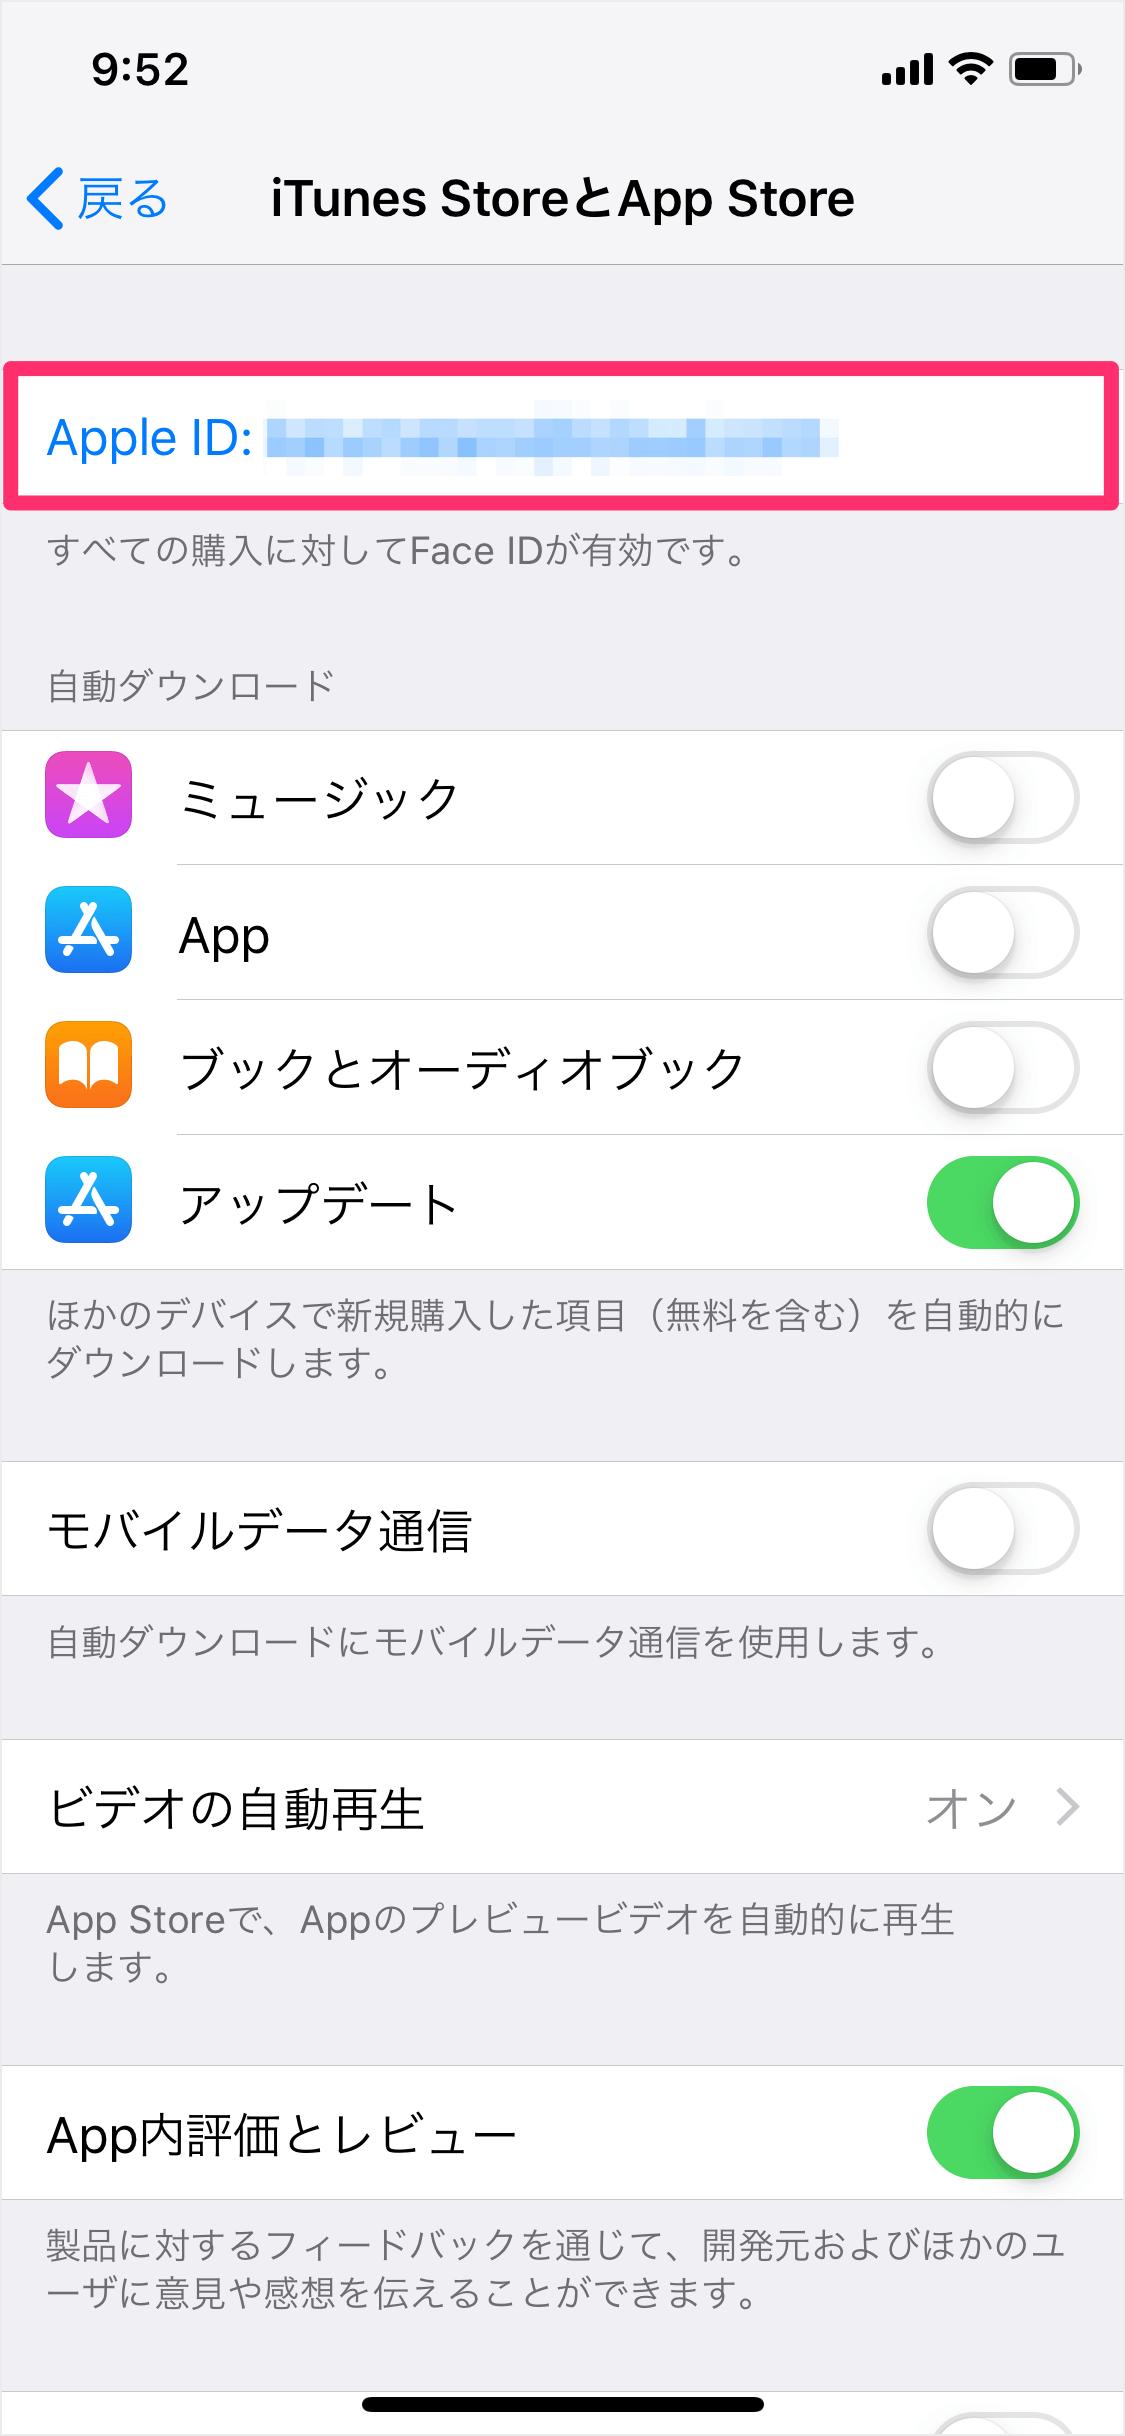 Store app itunes と